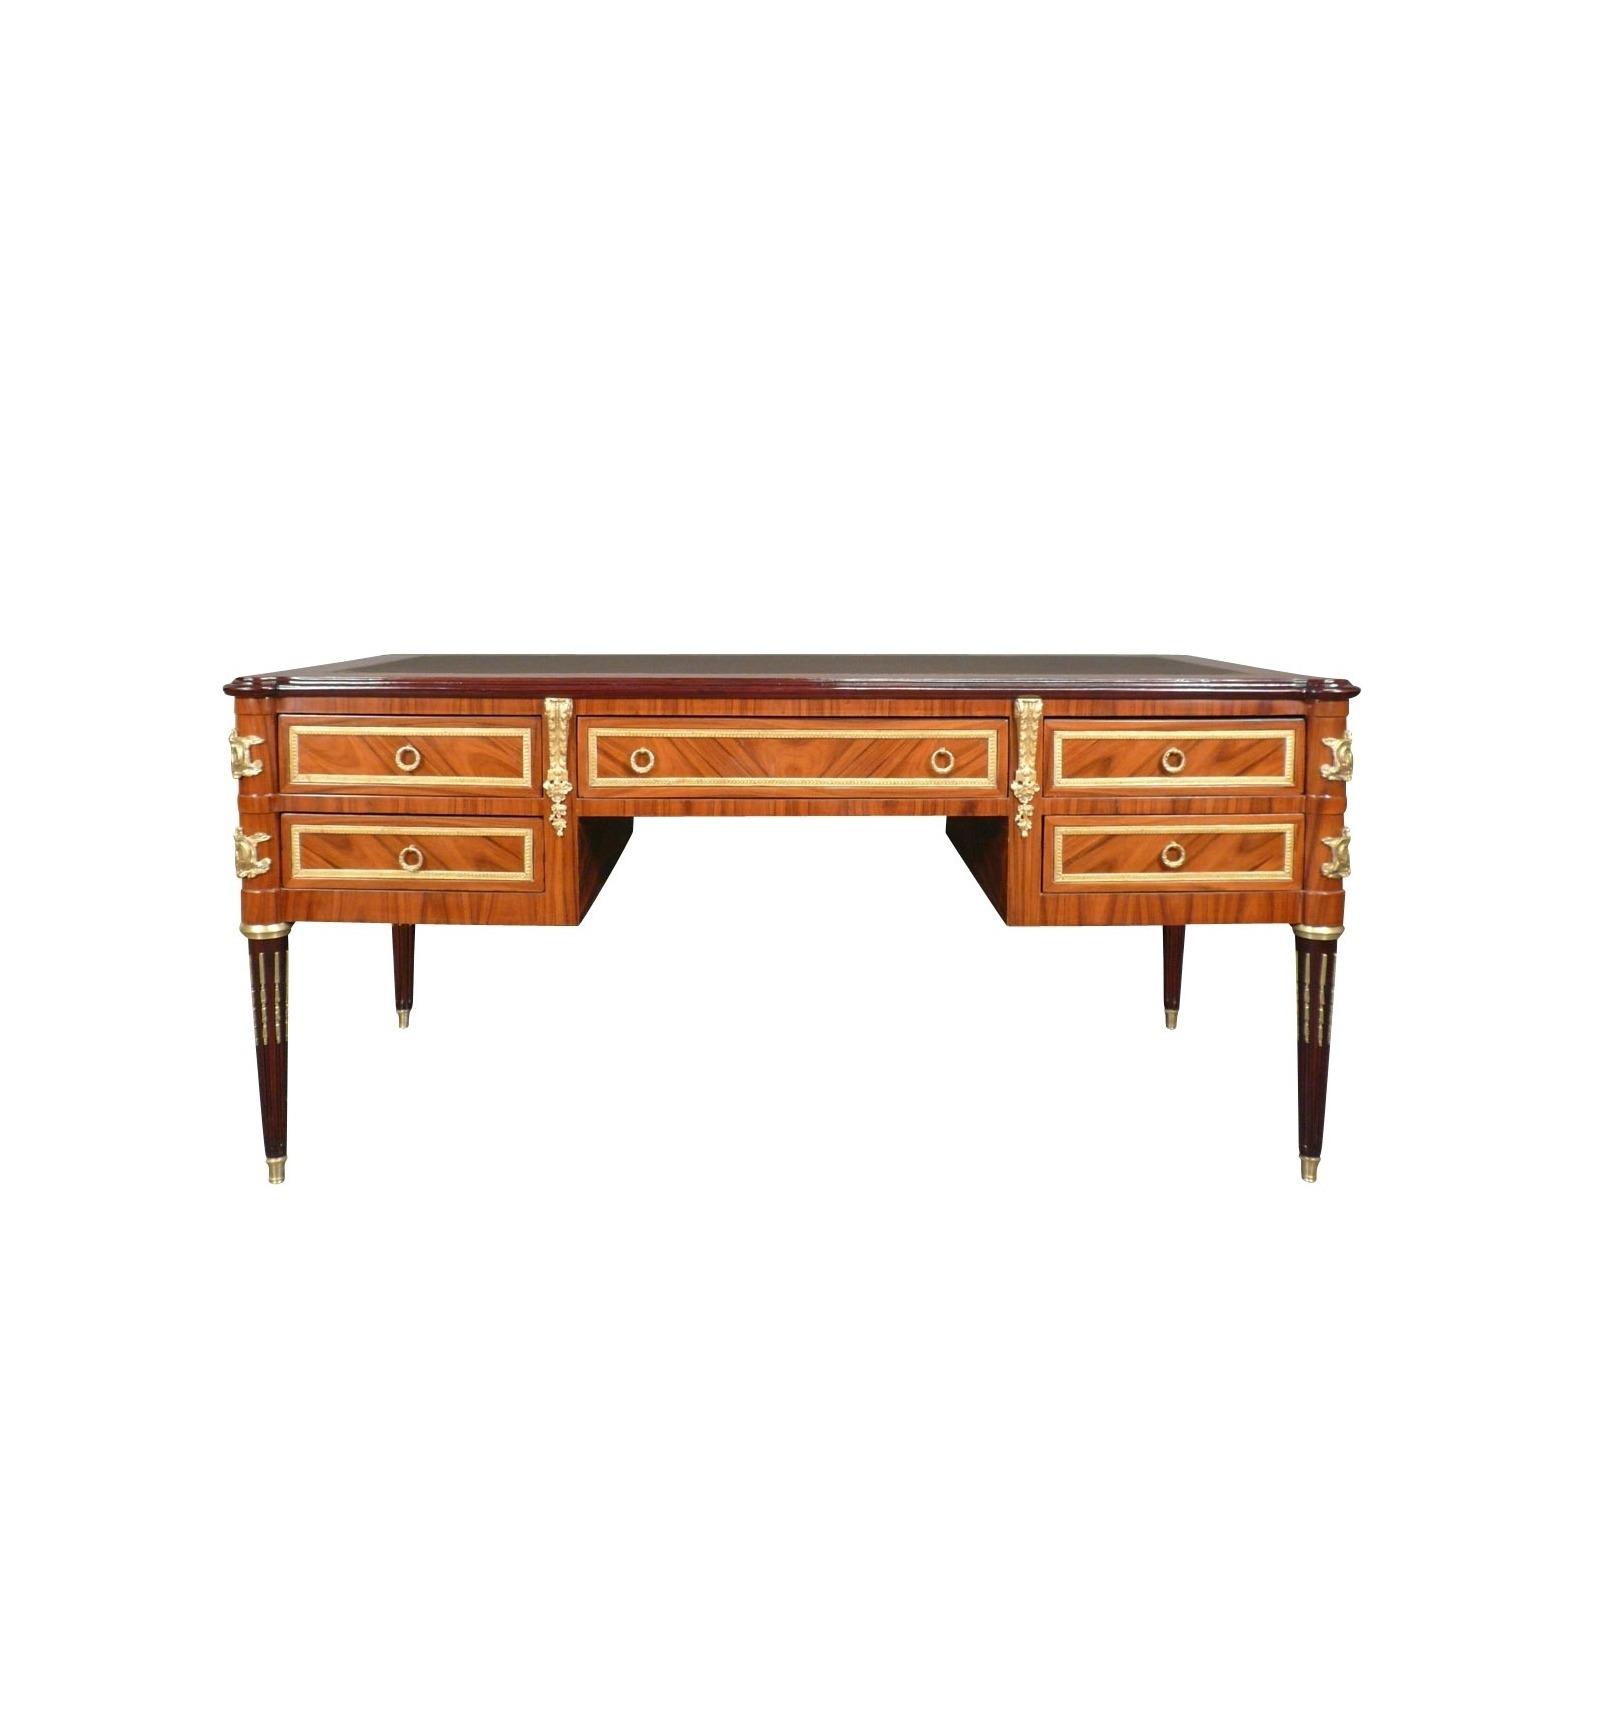 bureau louis xvi en palissandre commode et mobilier. Black Bedroom Furniture Sets. Home Design Ideas